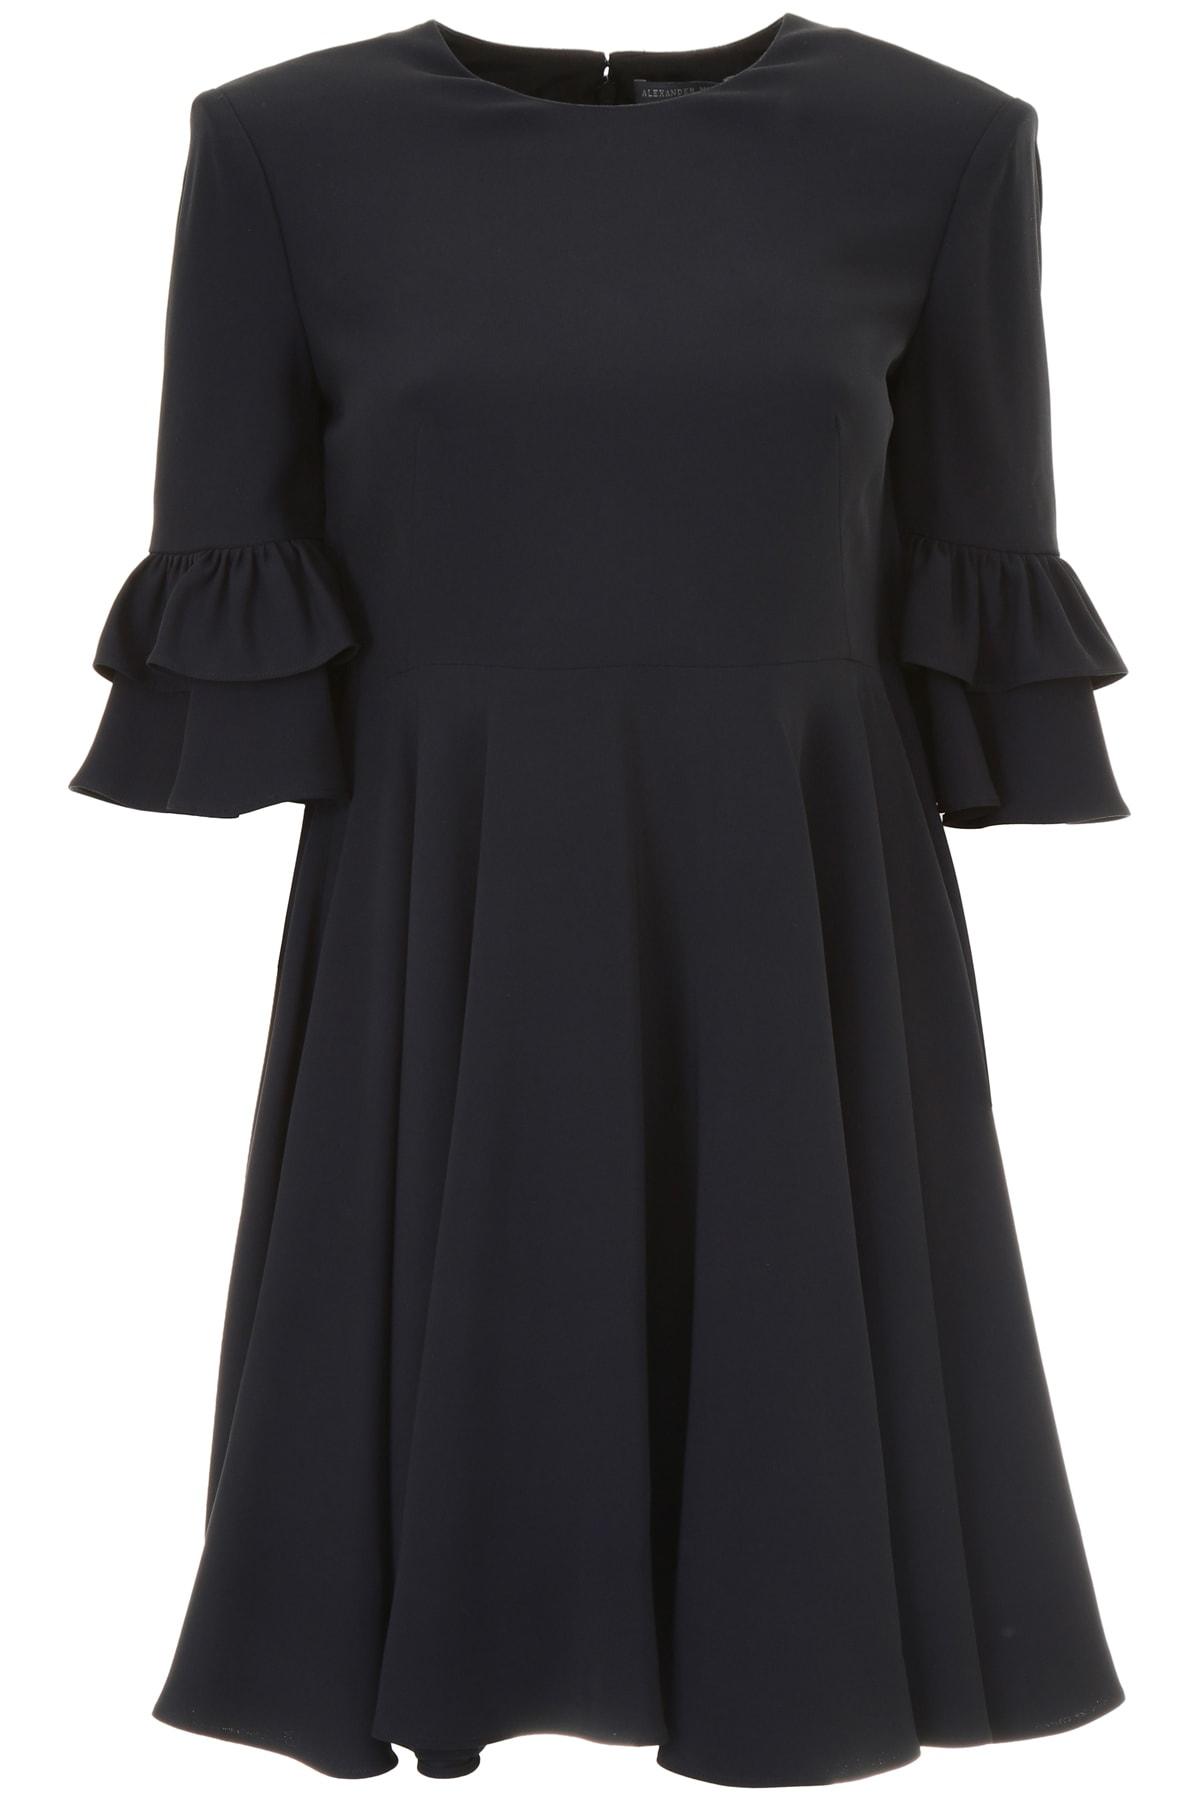 Alexander McQueen Dress With Ruffles